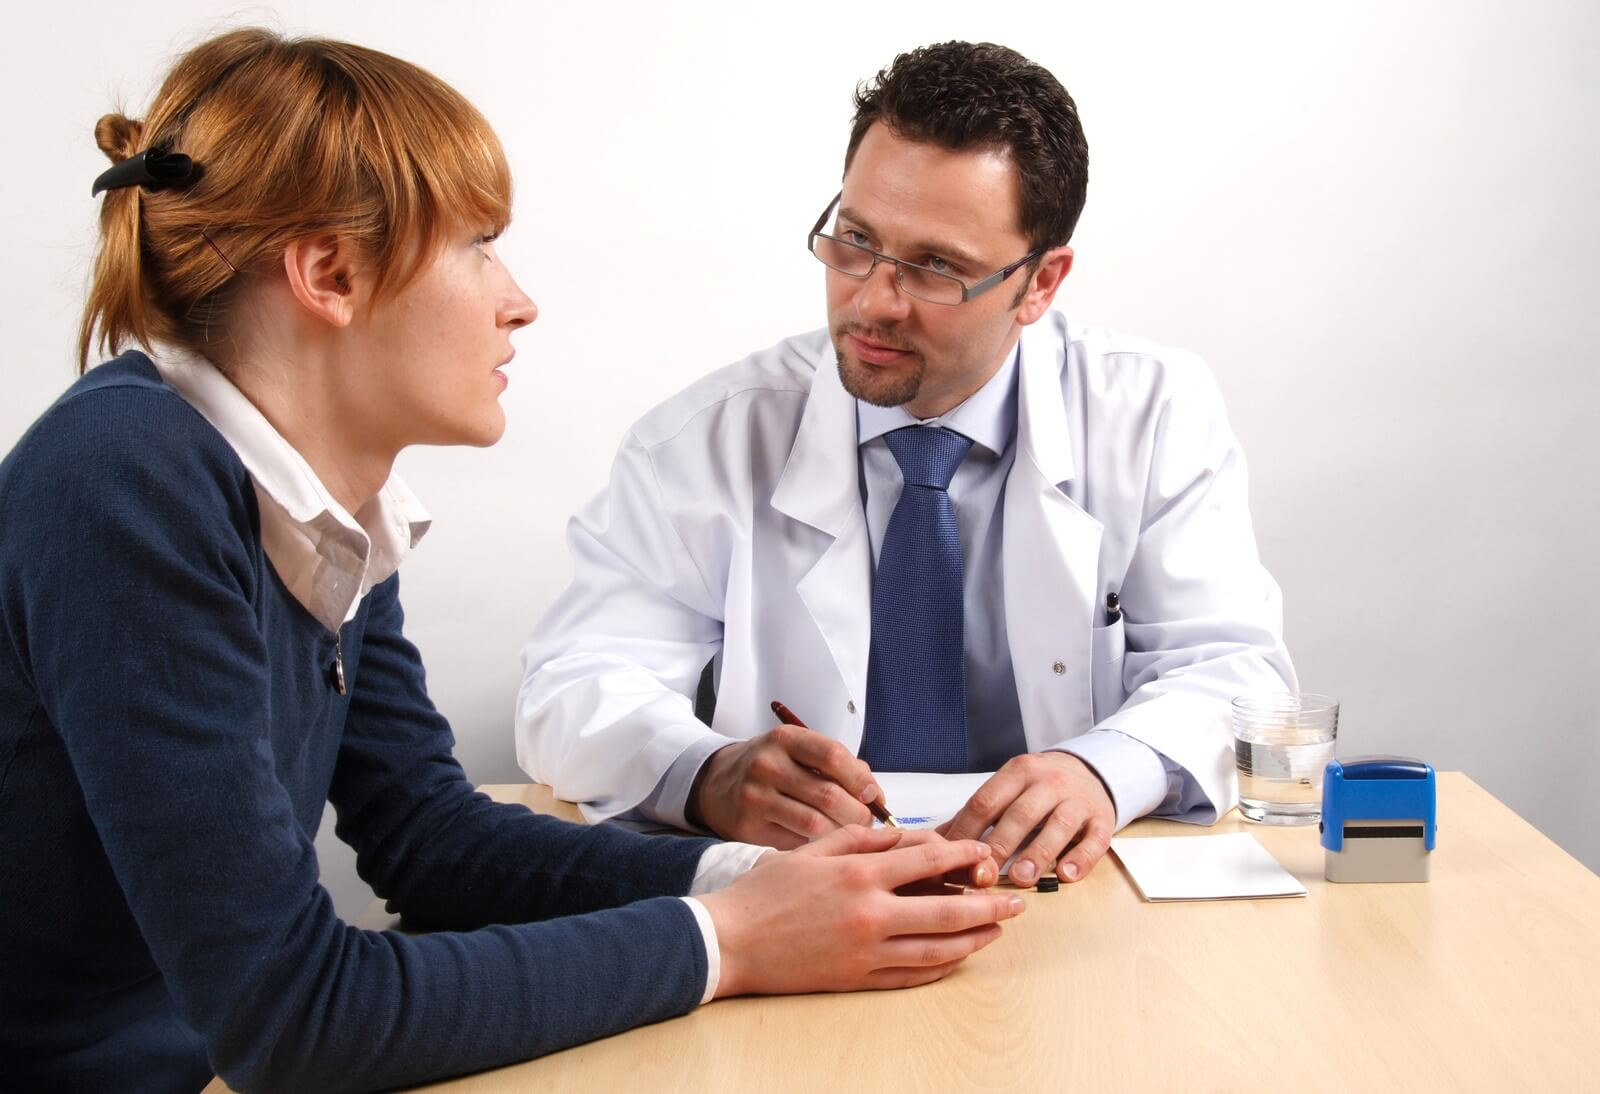 هموروئید چیست؟ علل، علائم، تشخیص و درمان هموروئید